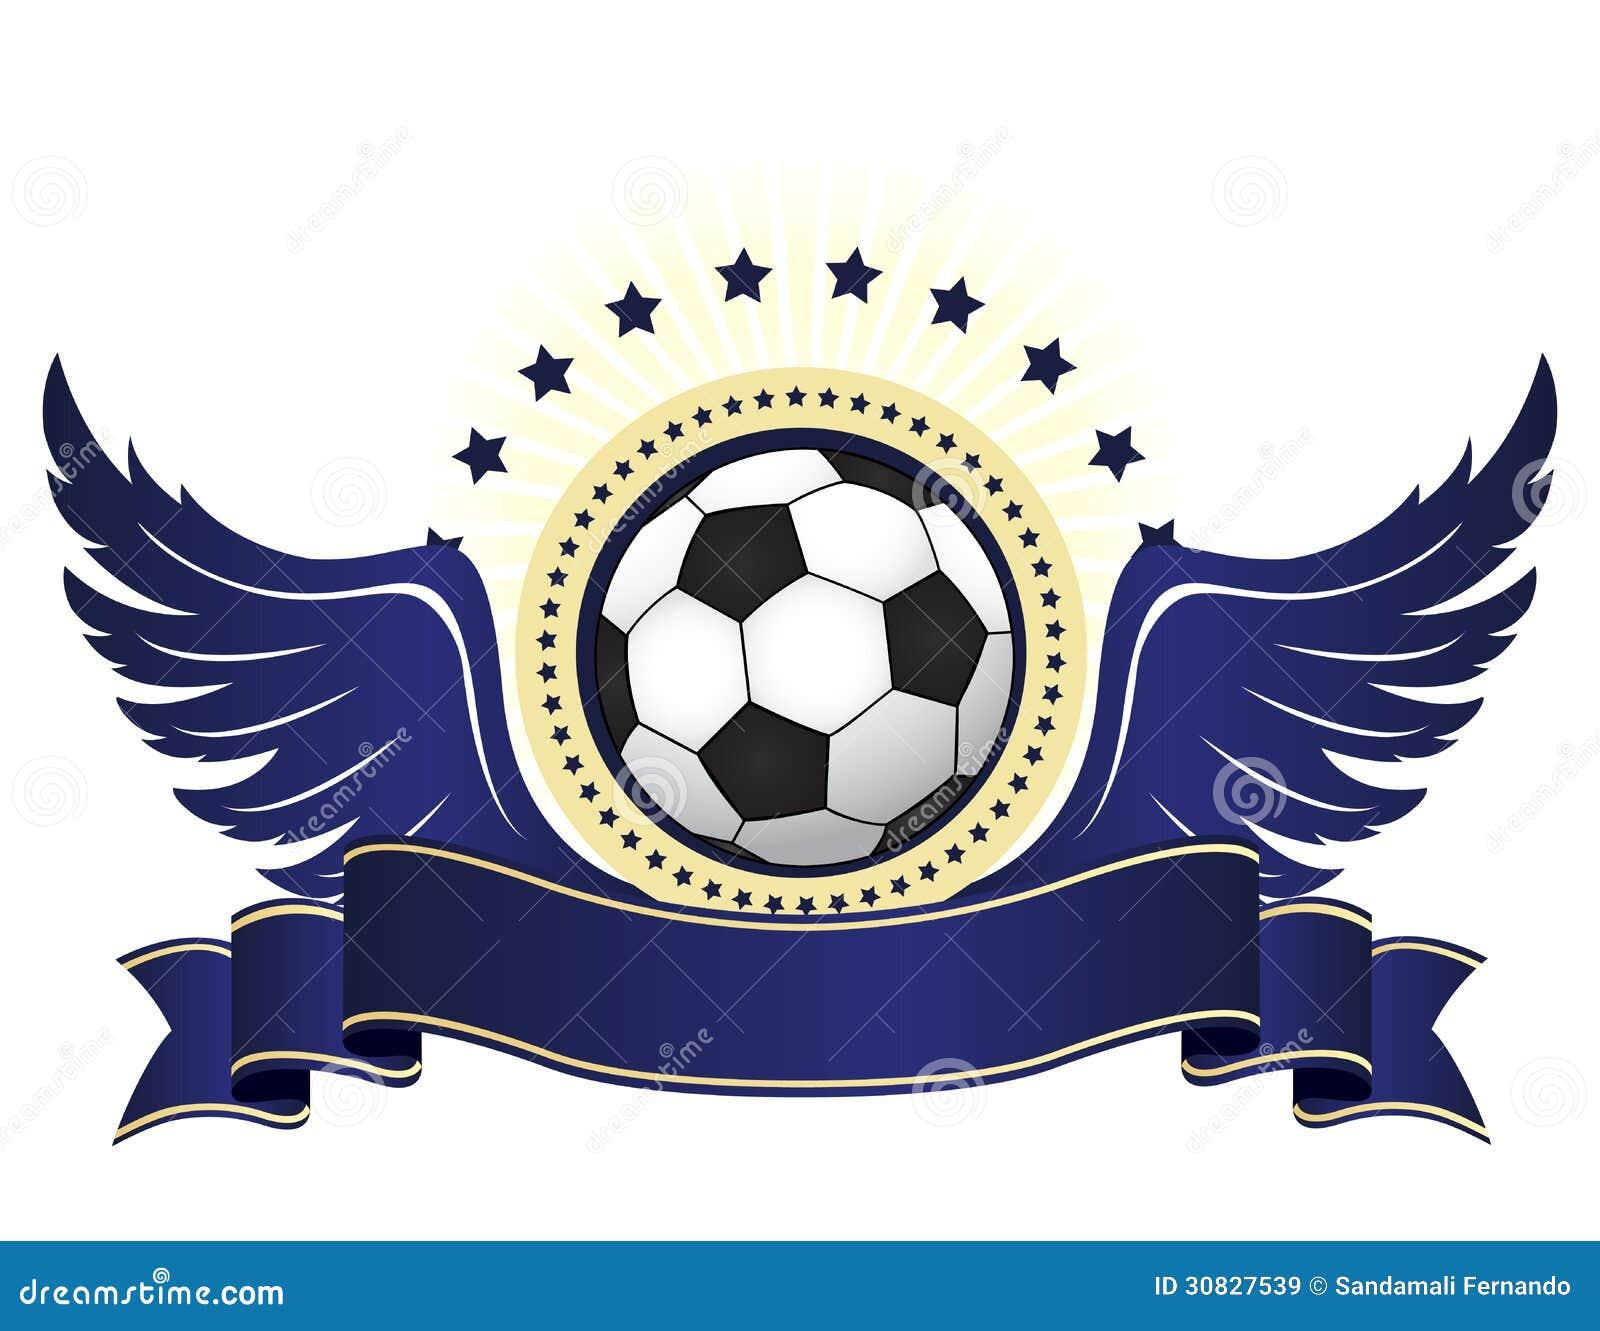 e56aa6a52d9e7 Logotipo Del Fútbol Con La Cinta Y Las Alas Stock de ilustración ...